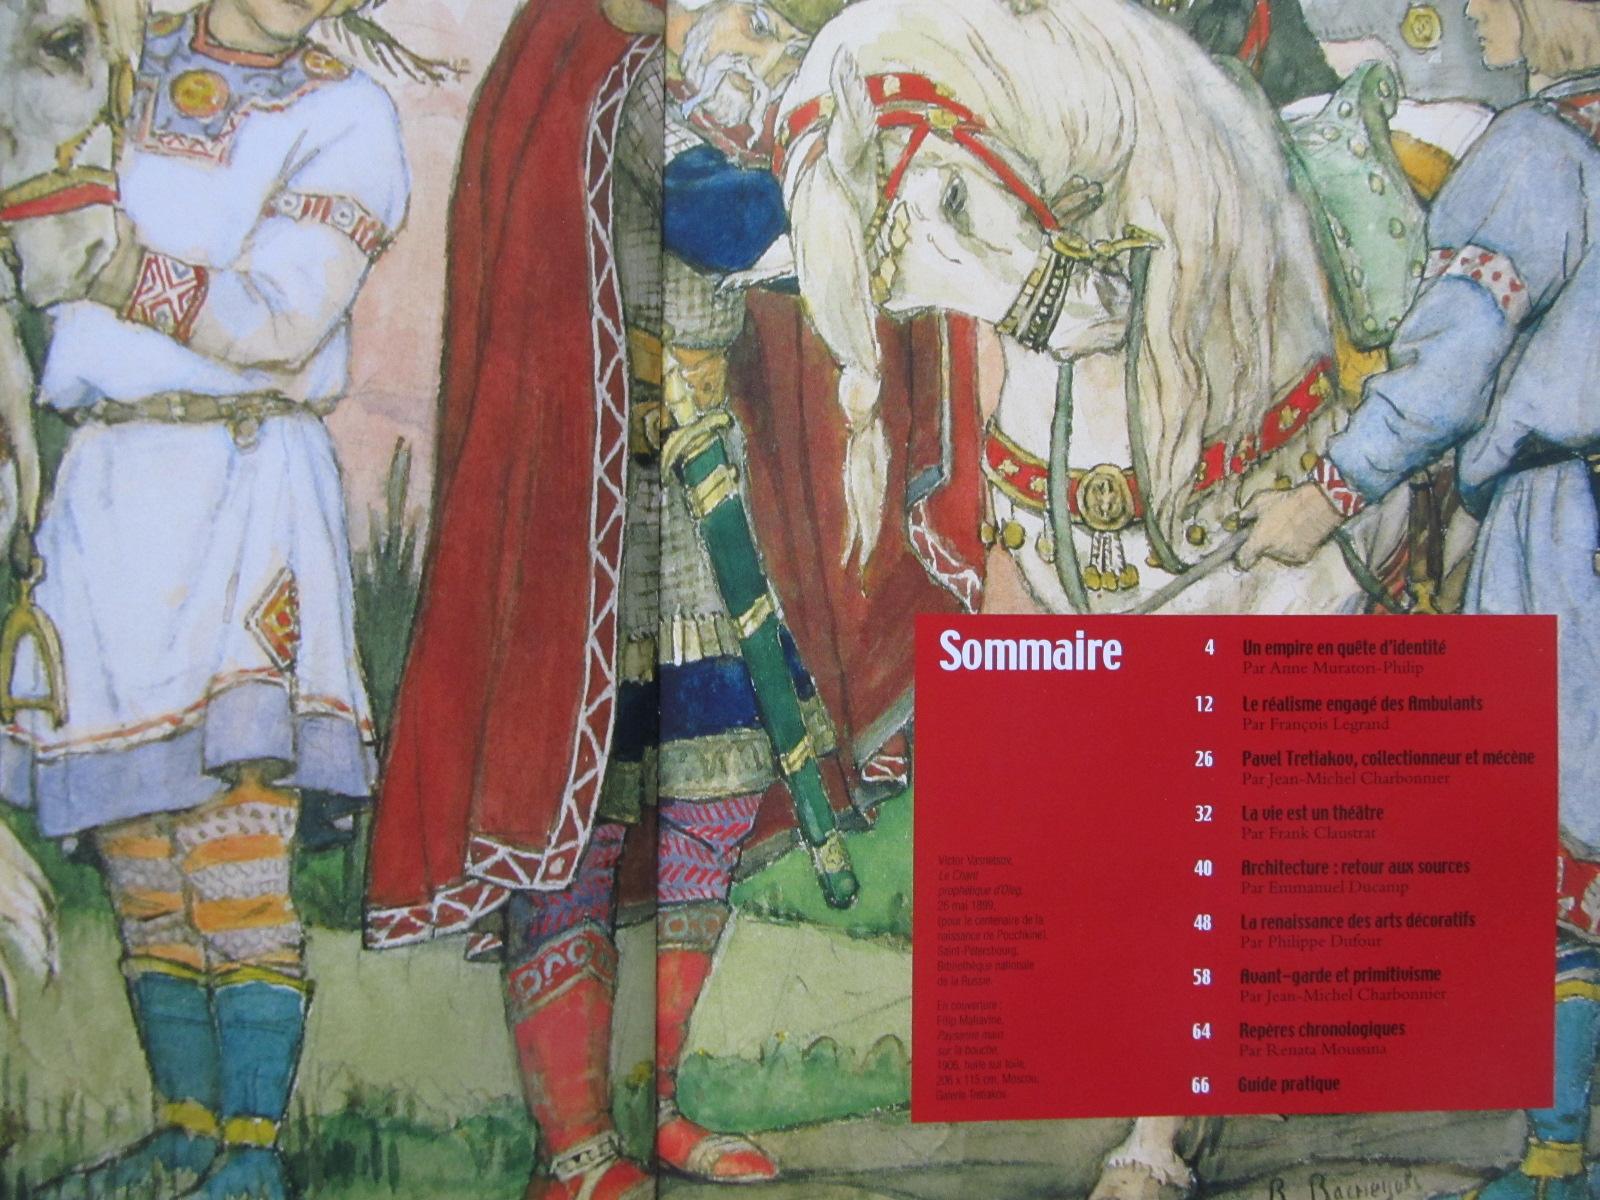 Carte L' art russe Seconde moitie du XIX siecle (Arta rusa moderna) - ***